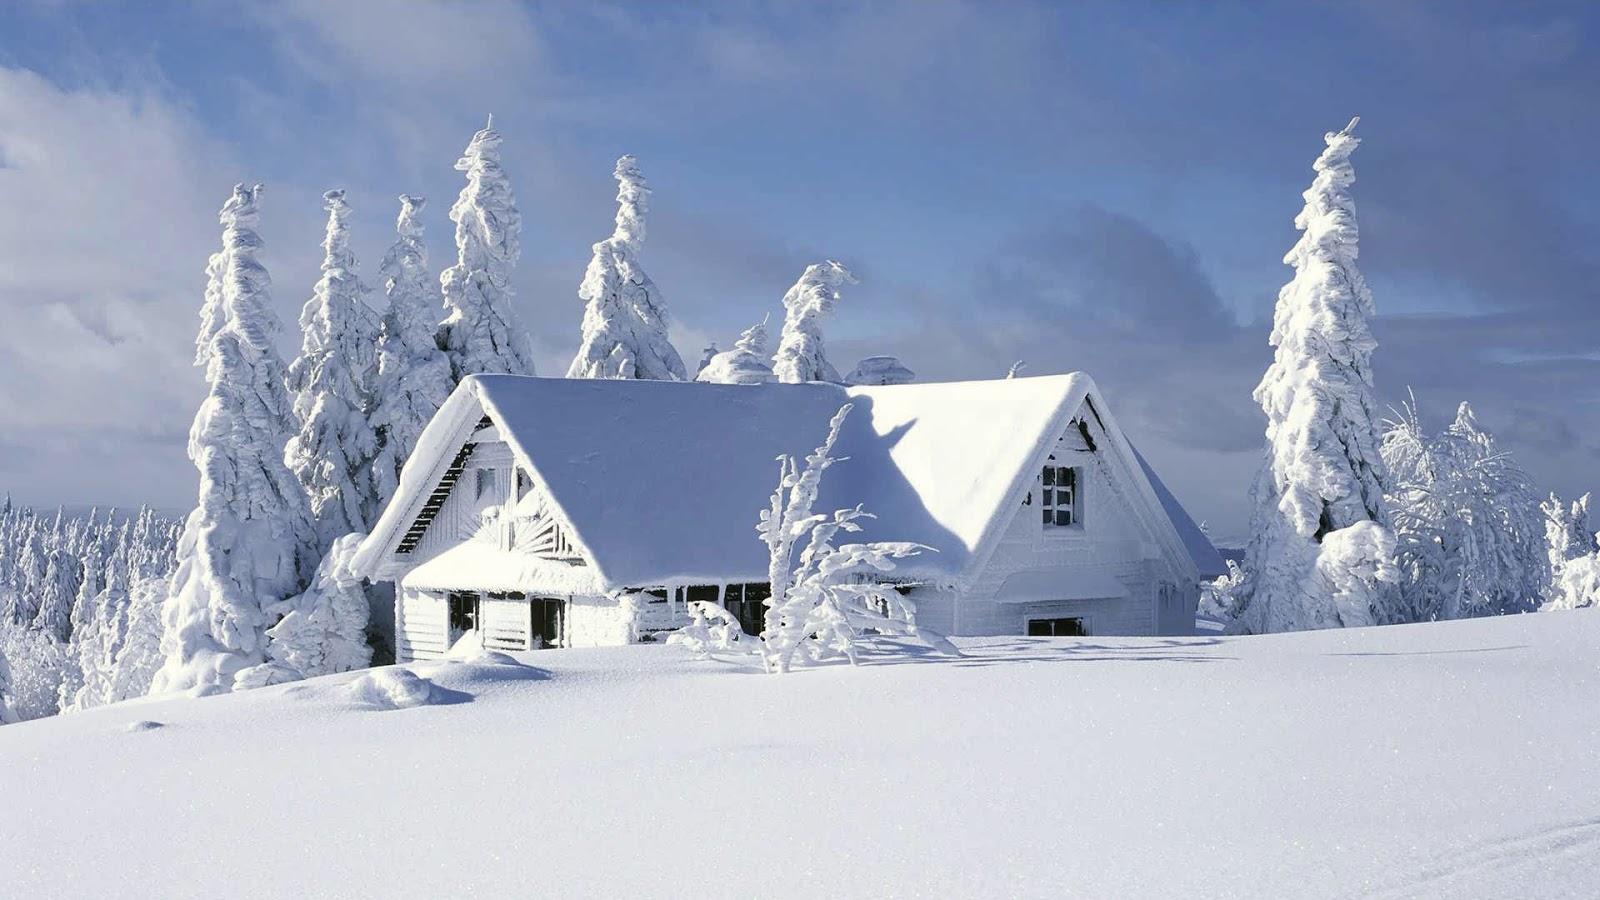 Nature writing copo tique roman le poids de la neige - La ren des neige ...